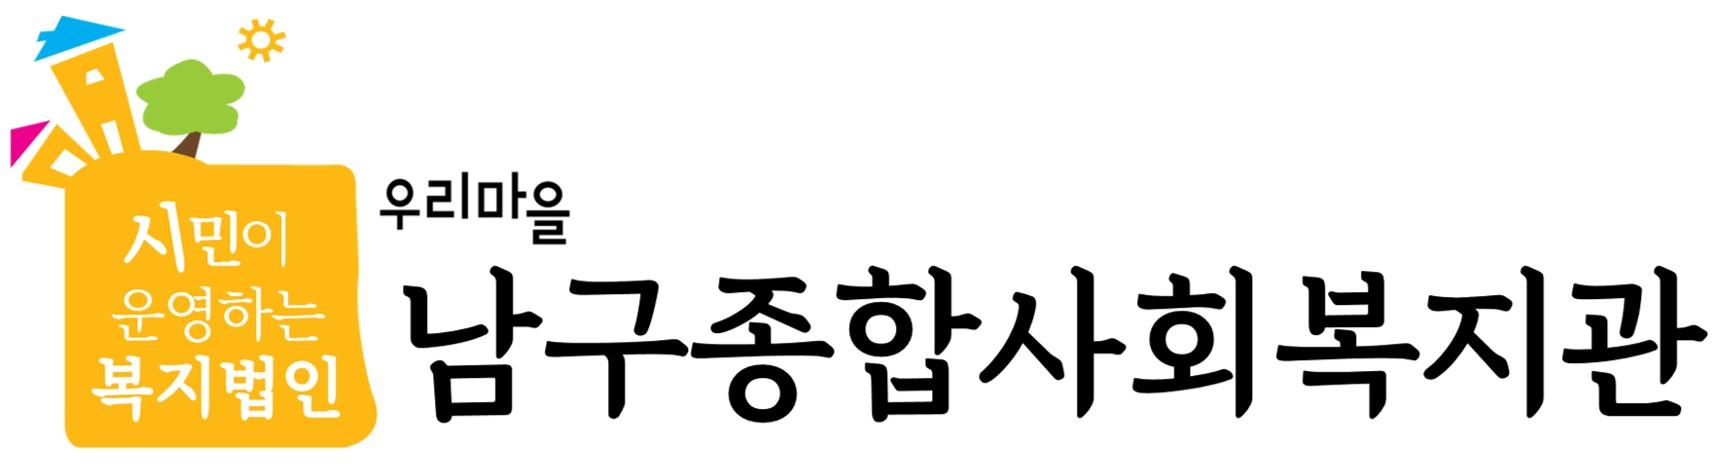 남구종합사회복지관